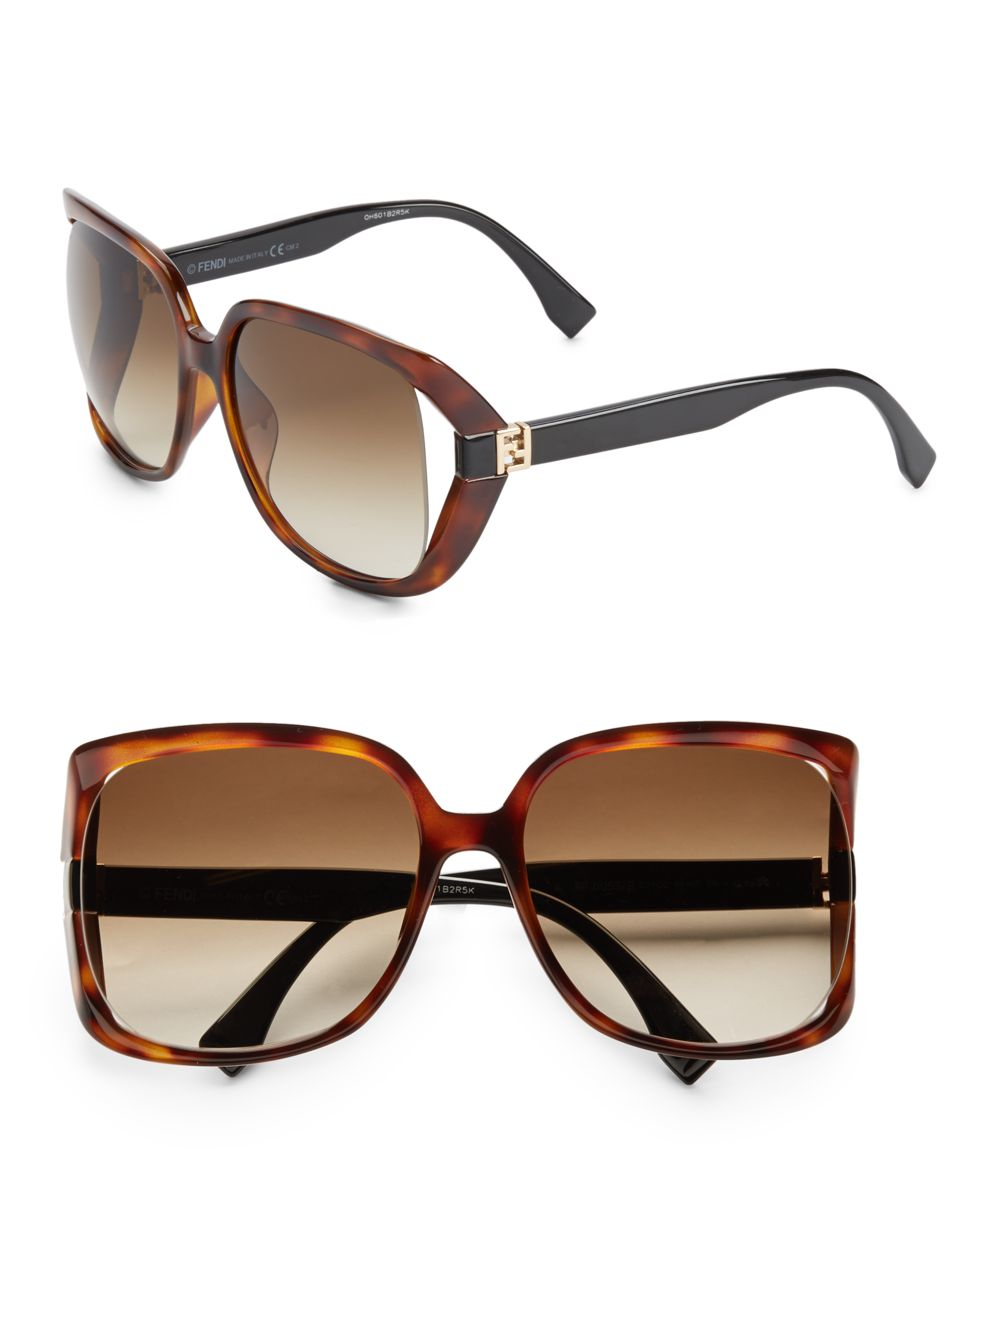 9feb4eb793cee Fendi 60mm Oversized Square Sunglasses in Brown - Lyst